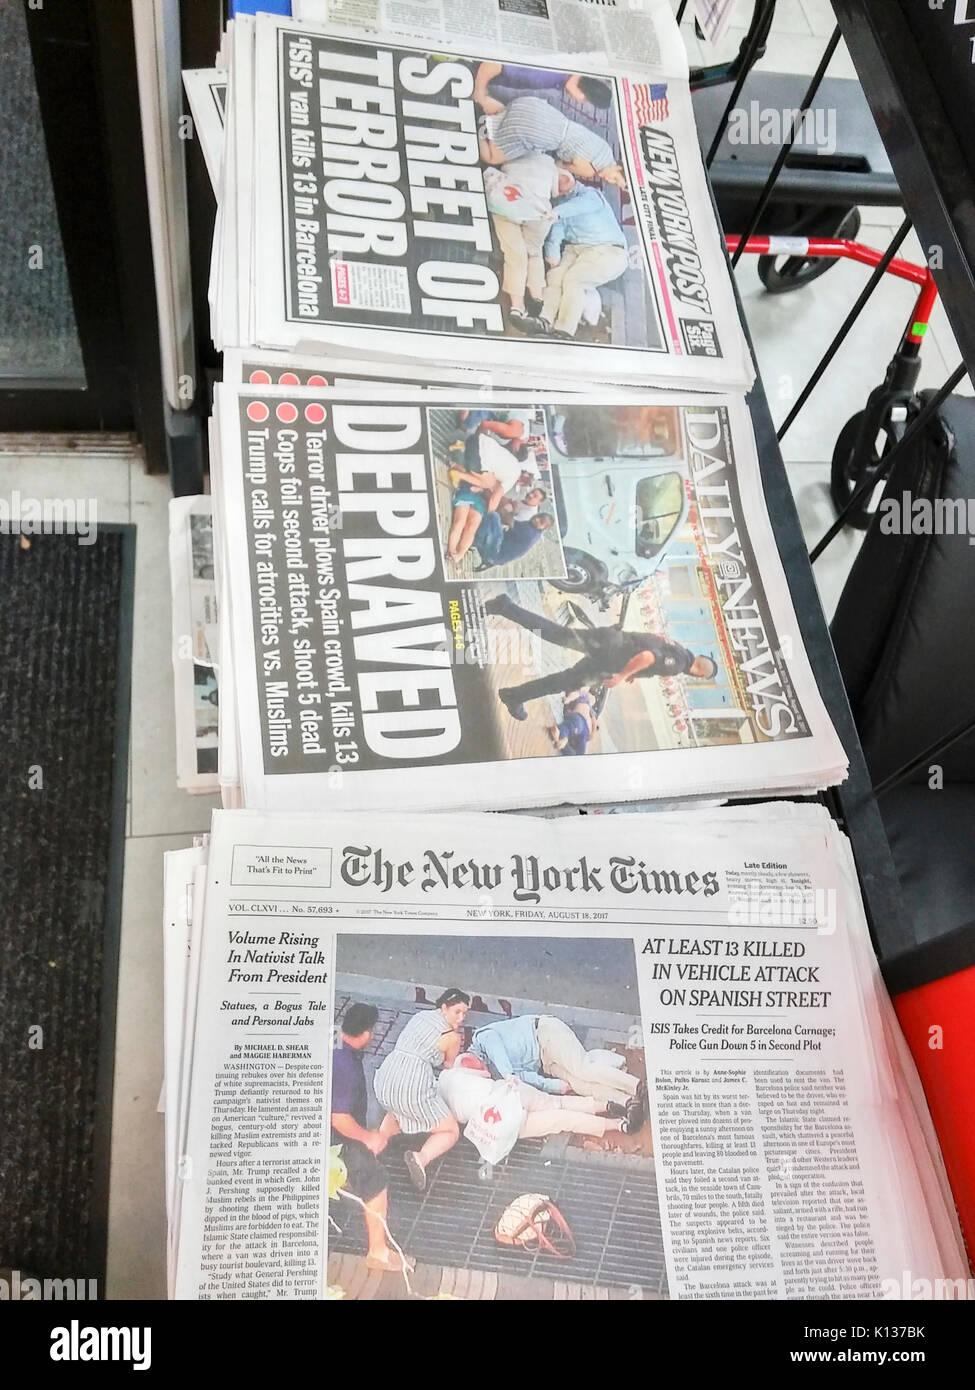 Journaux de New York le Vendredi, Août 18, 2017 rapport sur l'attaque terroriste de la nuit précédente à Barcelone, Espagne, qui a laissé 13 morts et plus de 100 blessés. (© Richard B. Levine) Banque D'Images